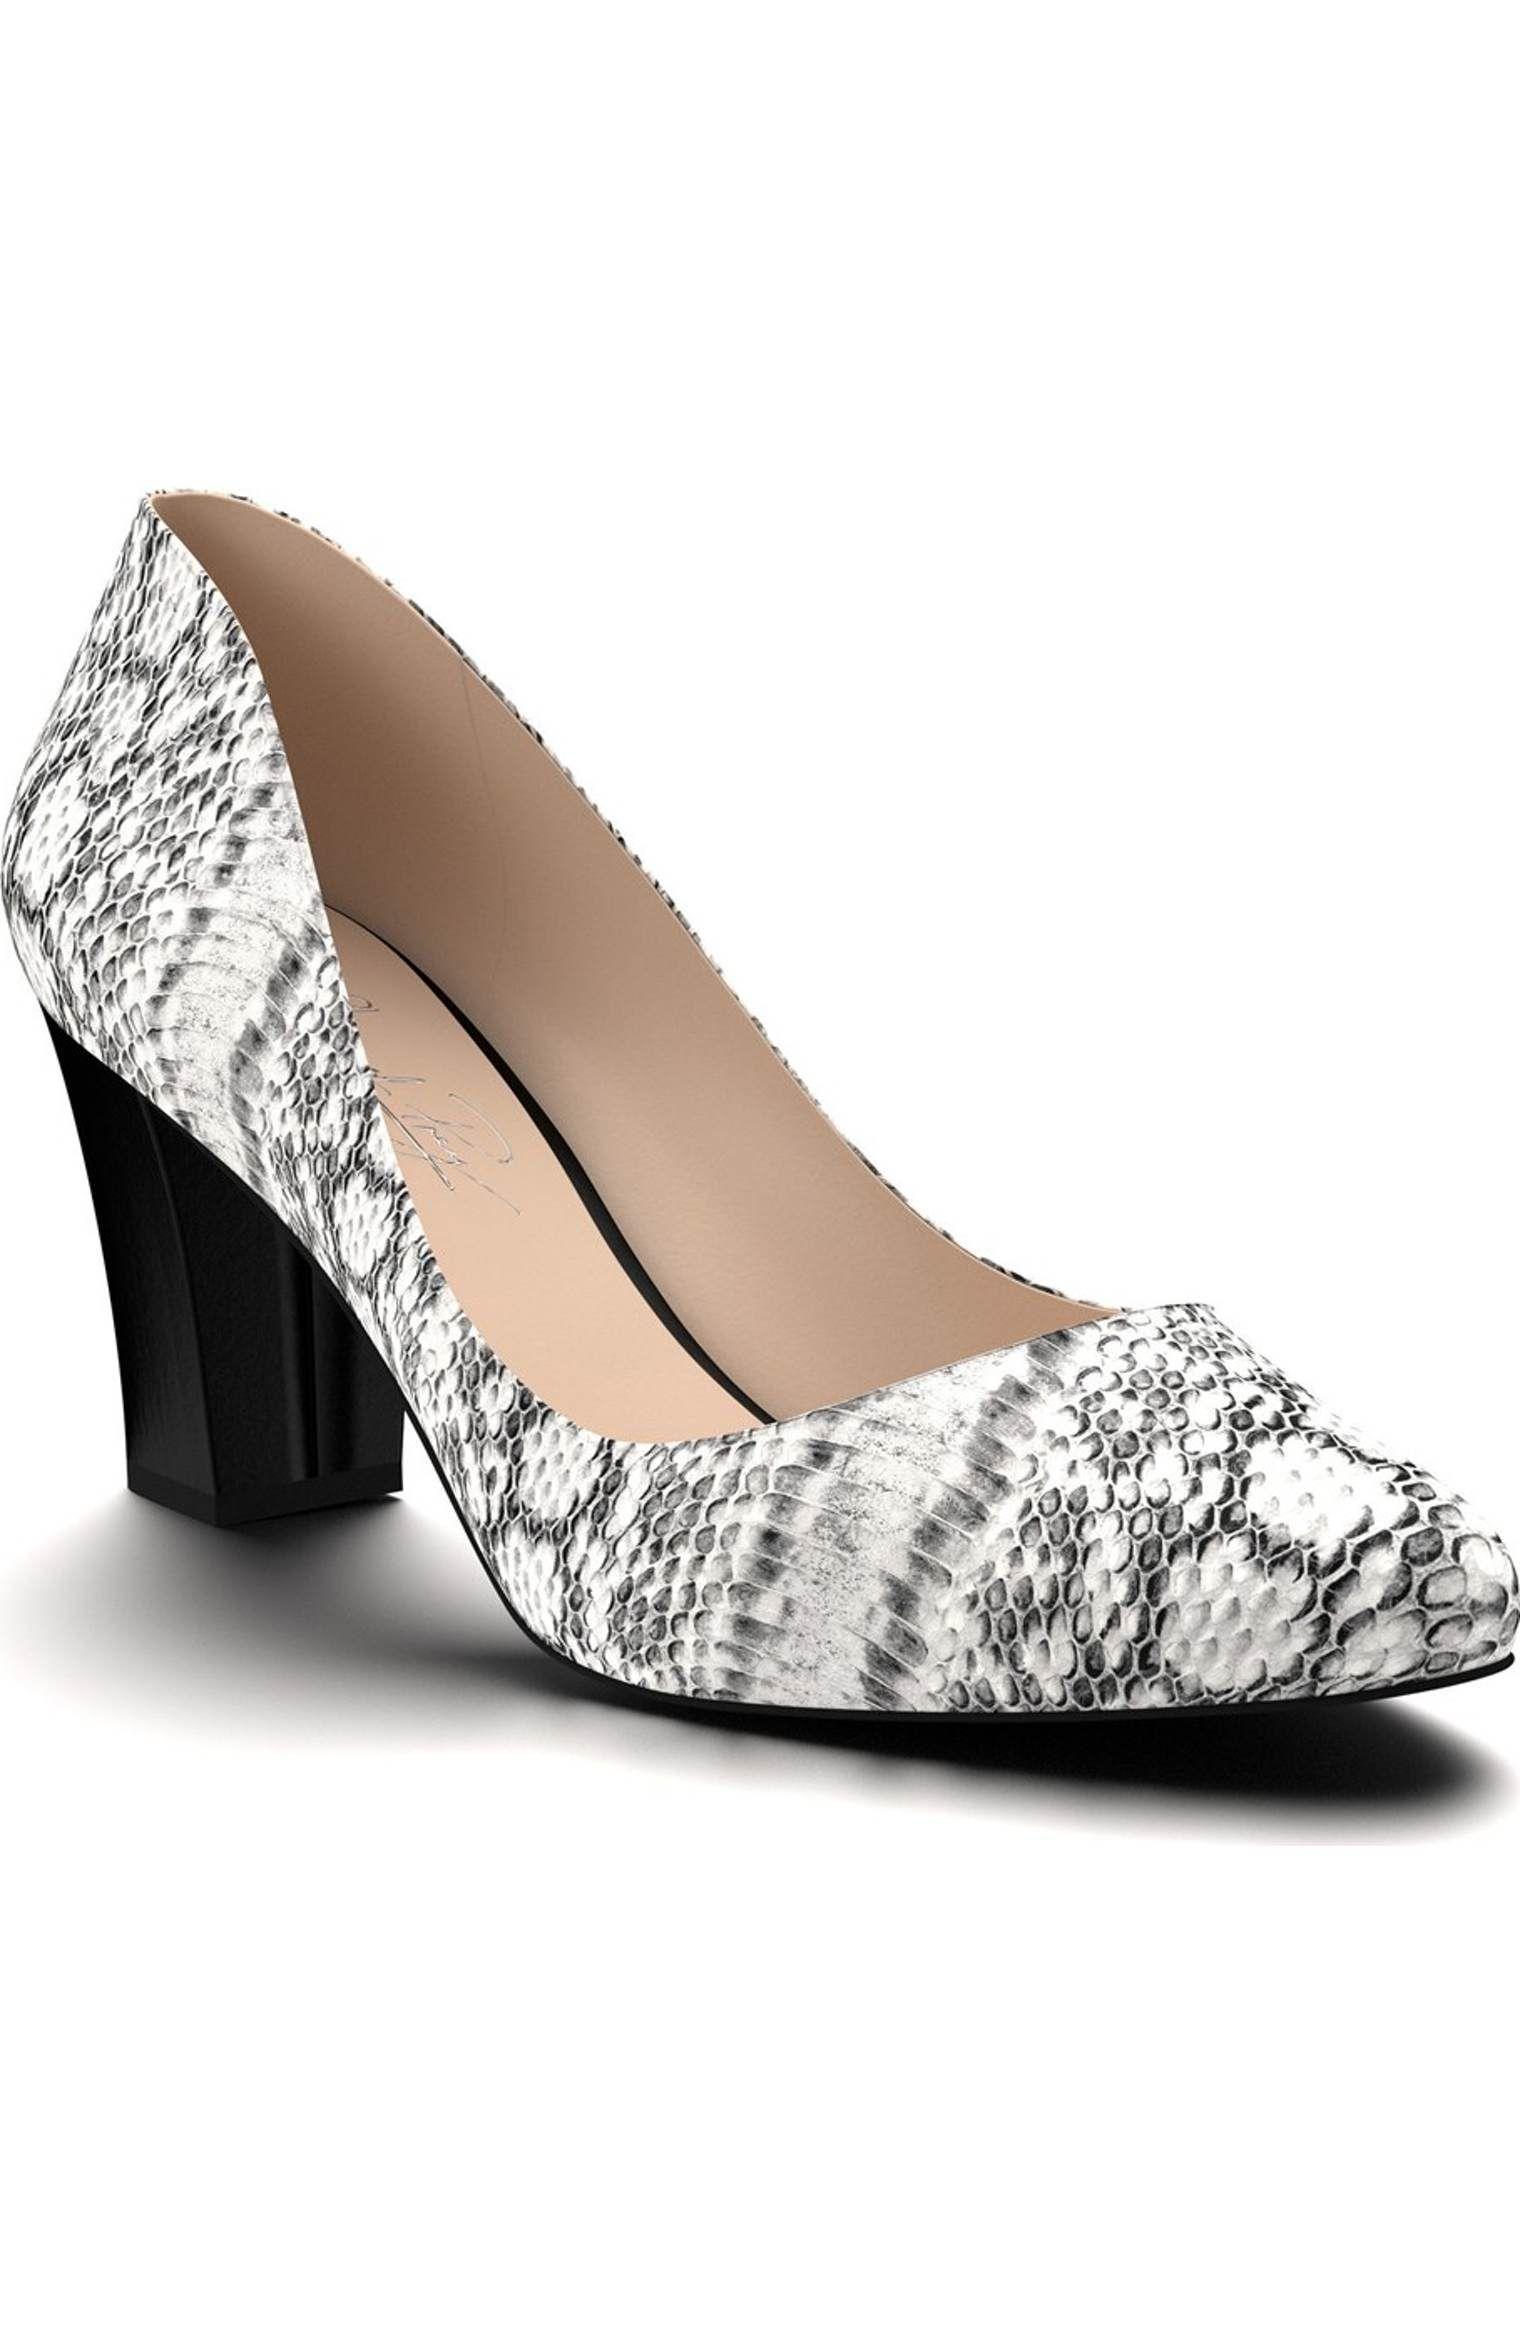 Shoes of Prey Block Heel Pump (Women Block heels pumps